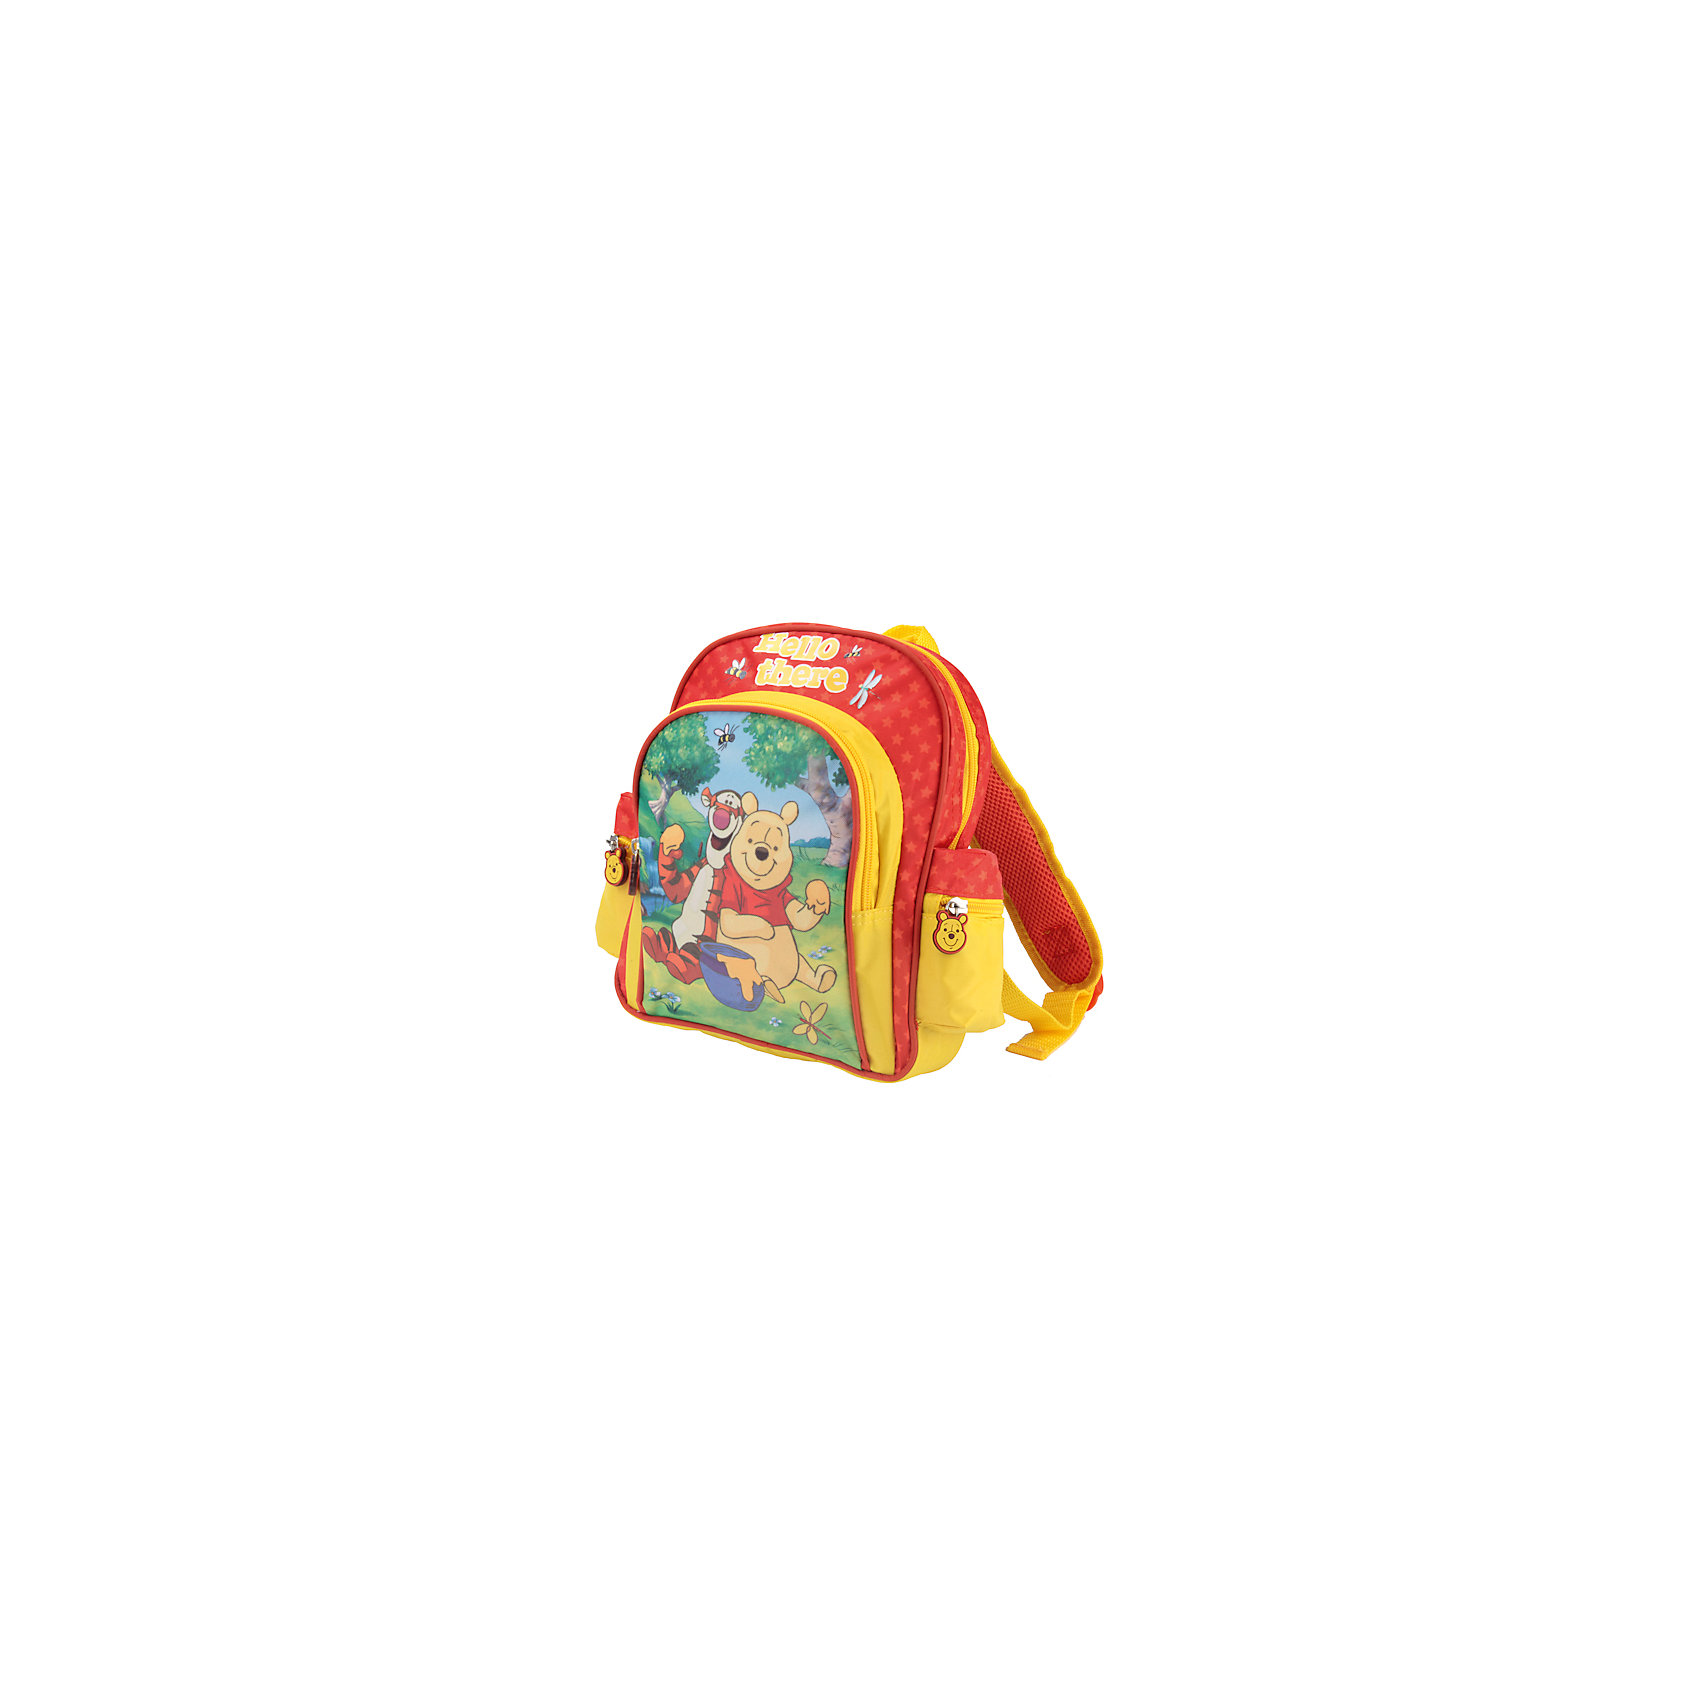 Дошкольный рюкзак Винни ПухДошкольный рюкзак Винни Пух - удобный практичный рюкзак, который замечательно подойдет для прогулок, поездок и путешествий. Рюкзак выполнен из прочного долговечного материала. Привлекательный дизайн с красно-желтой расцветкой и красочным изображением популярного медвежонка из диснеевских мультфильмов обязательно понравится Вашему ребенку. Застежки на молниях выполнены в виде головы медвежонка. Широкие удобные лямки снижают нагрузку на позвоночник, регулируются по длине, есть текстильная ручка для переноски в руках. Рюкзак застегивается на застежку-молнию, внутри одно вместительное отделение. Имеется дополнительный большой карман на молнии на лицевой стороне и два накладных кармана на молнии по бокам.<br><br>Дополнительная информация:<br><br>- Материал: текстиль. <br>- Размер рюкзака: 28 х 26 х 9 см.<br>- Размер упаковки: 29 х 4 х 27 см.   <br>- Вес: 0,33 кг.<br><br>Рюкзак дошкольный Винни Пух 28*26*9 см., Играем Вместе, можно купить в нашем интернет-магазине.<br><br>Ширина мм: 841<br>Глубина мм: 729<br>Высота мм: 16<br>Вес г: 290<br>Возраст от месяцев: 48<br>Возраст до месяцев: 96<br>Пол: Унисекс<br>Возраст: Детский<br>SKU: 4637664